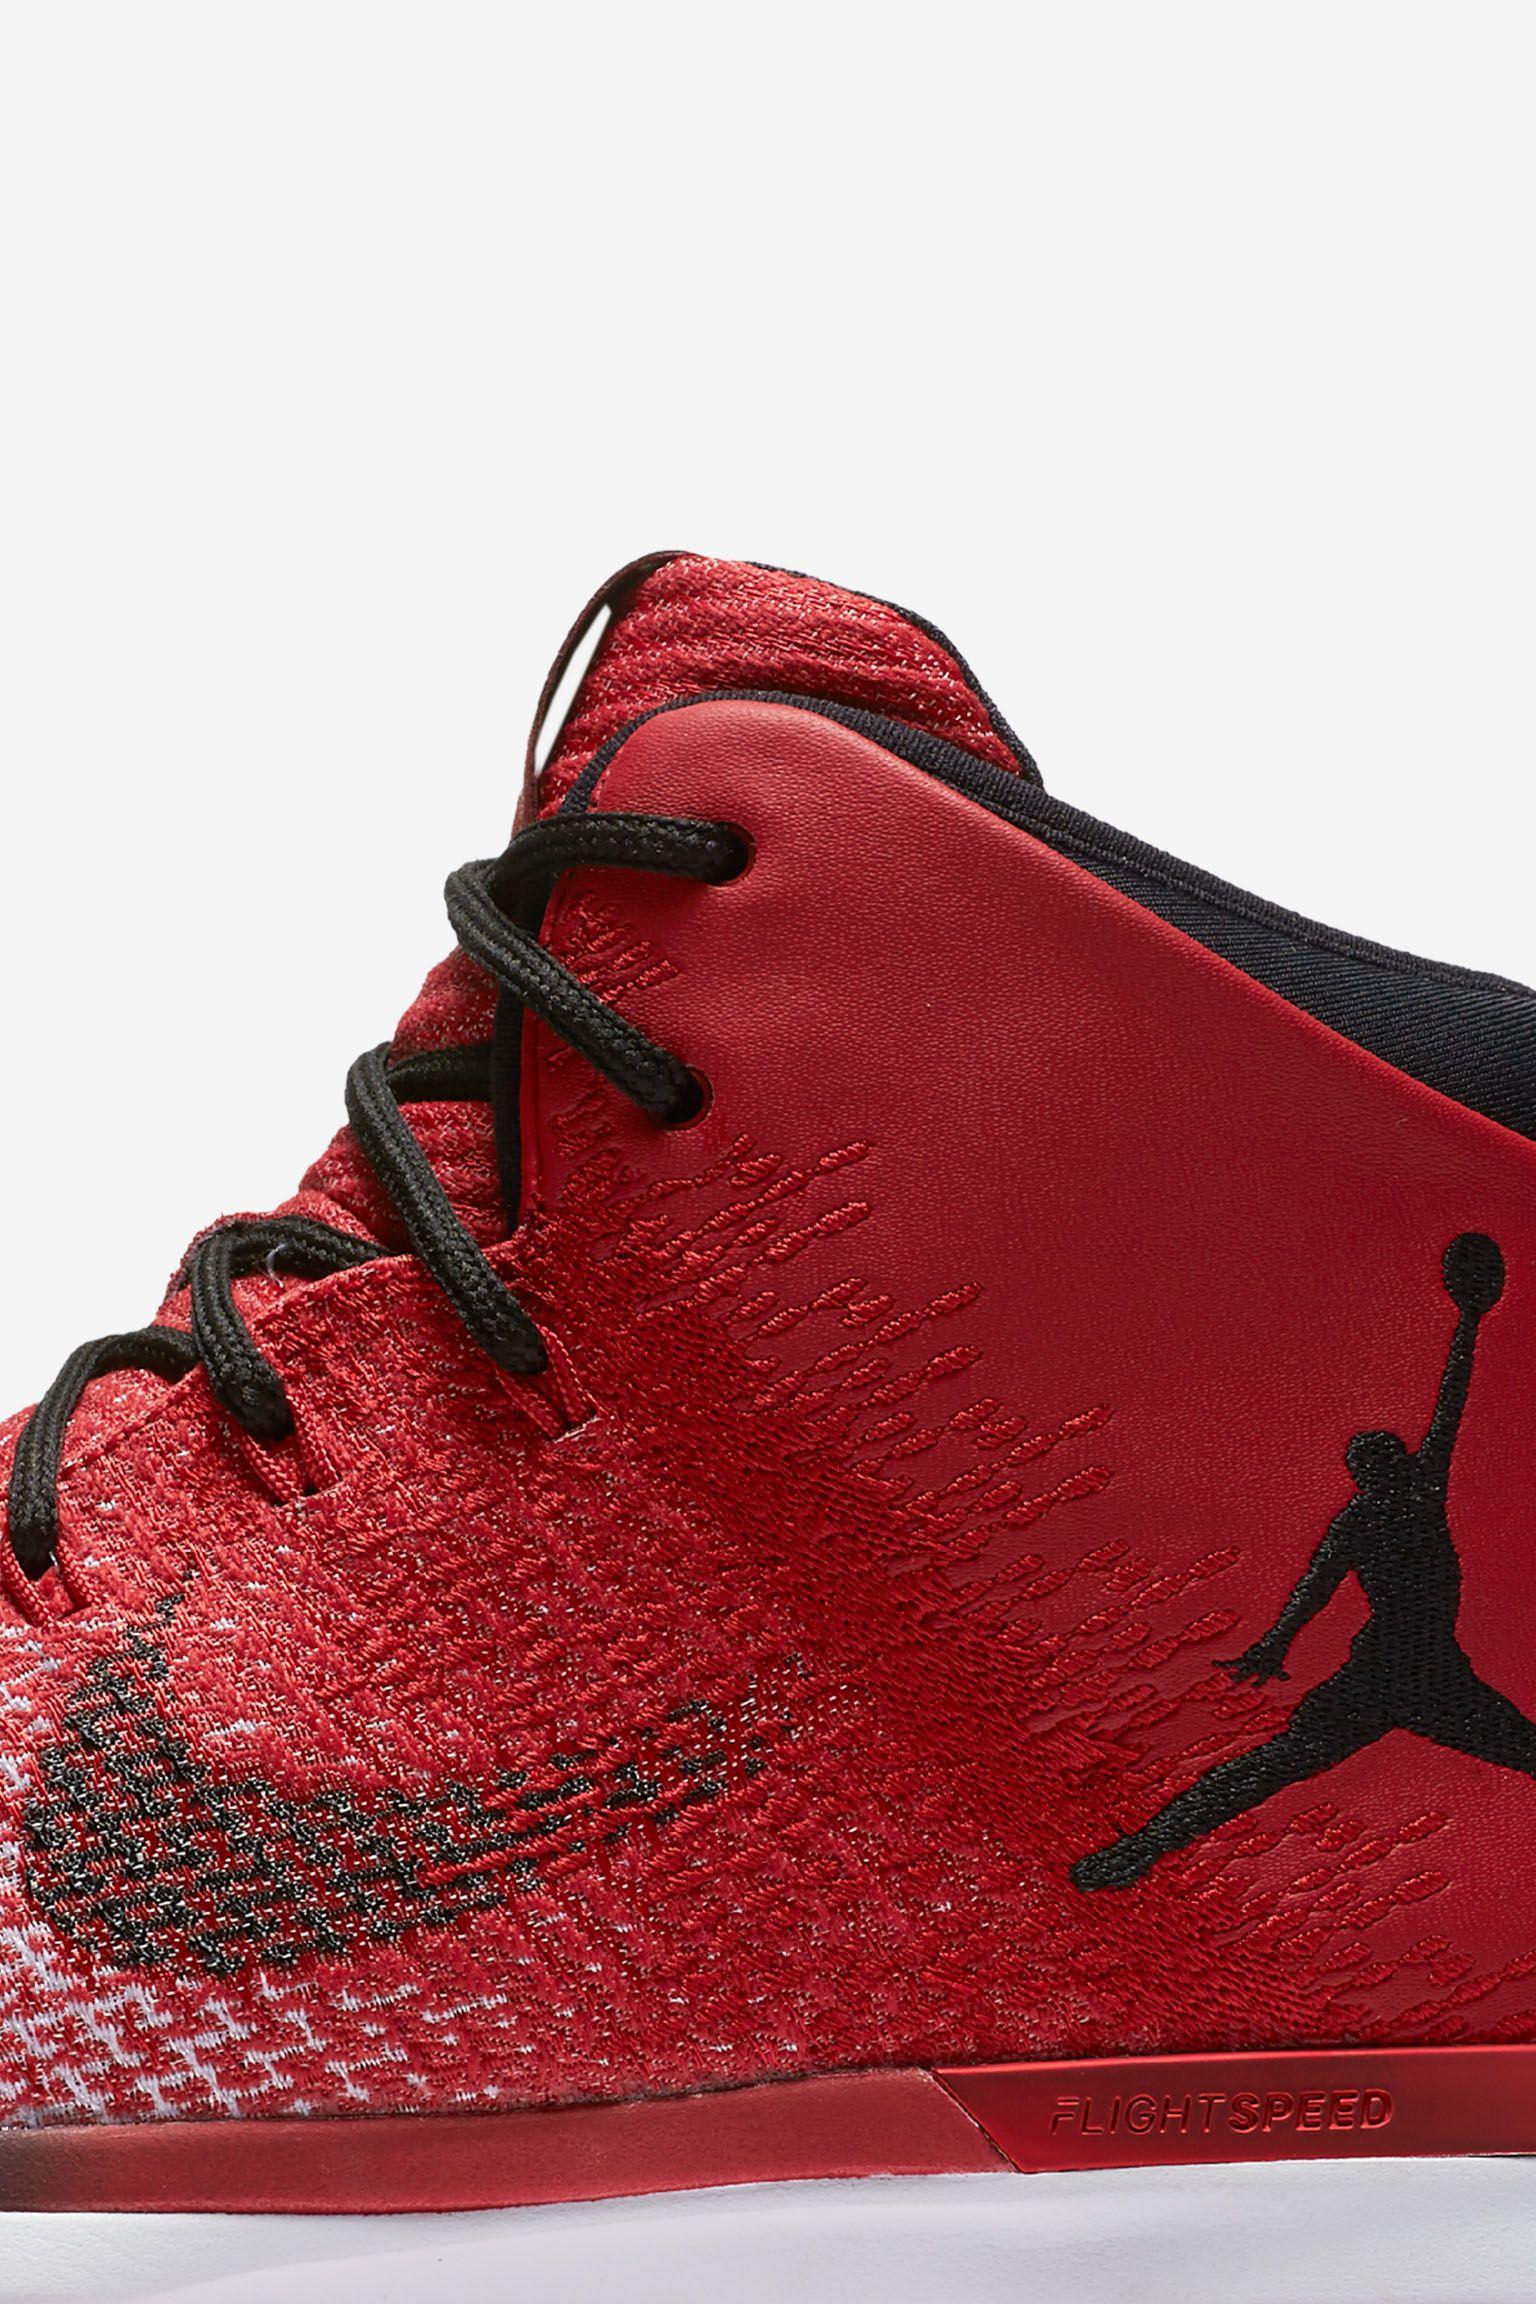 Air Jordan 31 'Chicago' Release Date